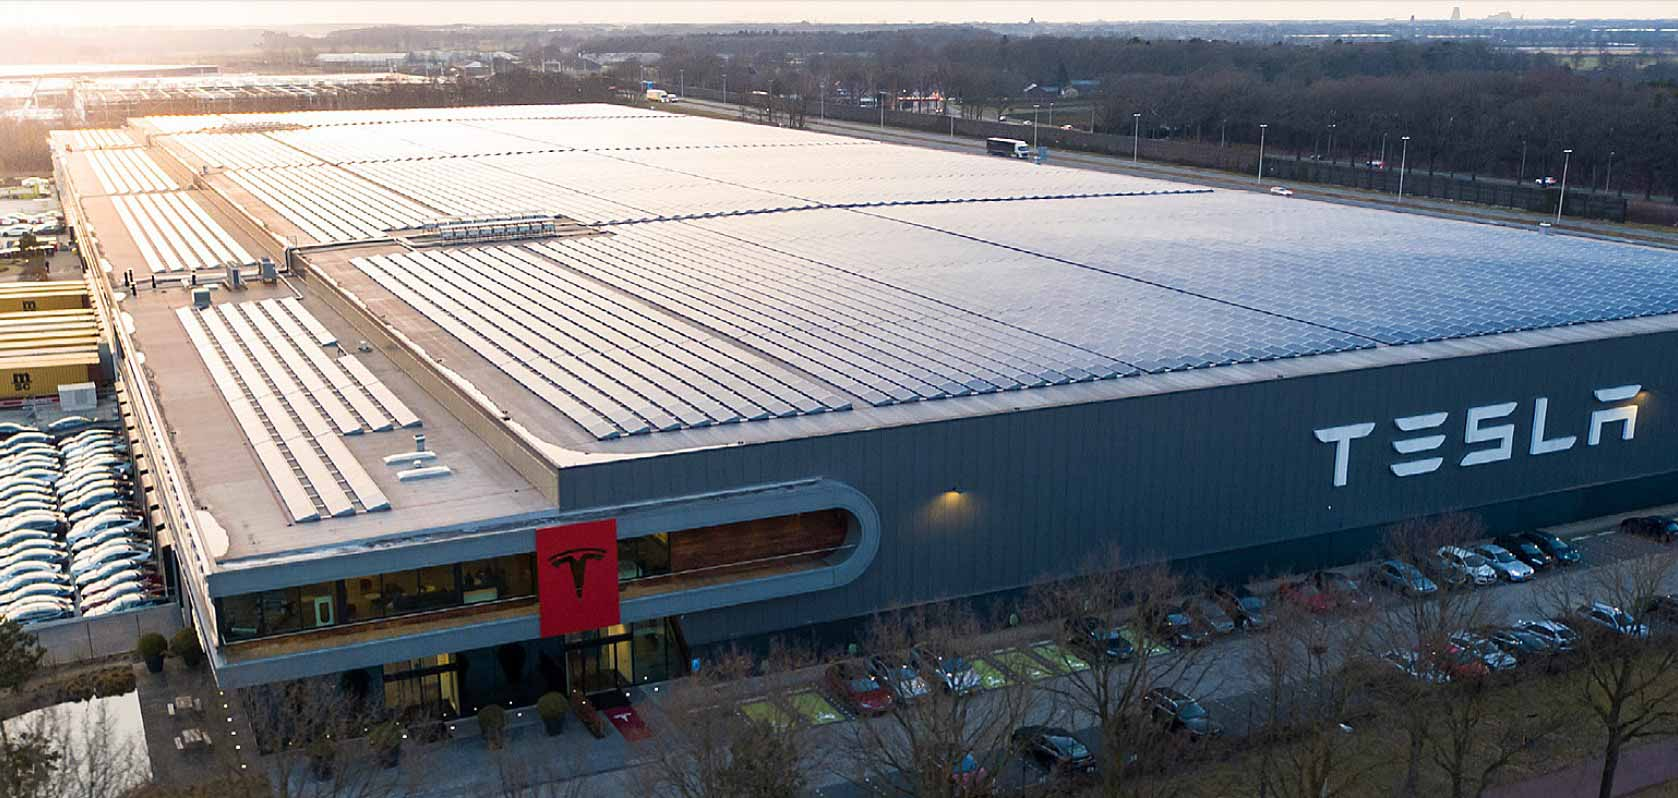 Tesla может построить еще один Gigafactory в Великобритании: доклад